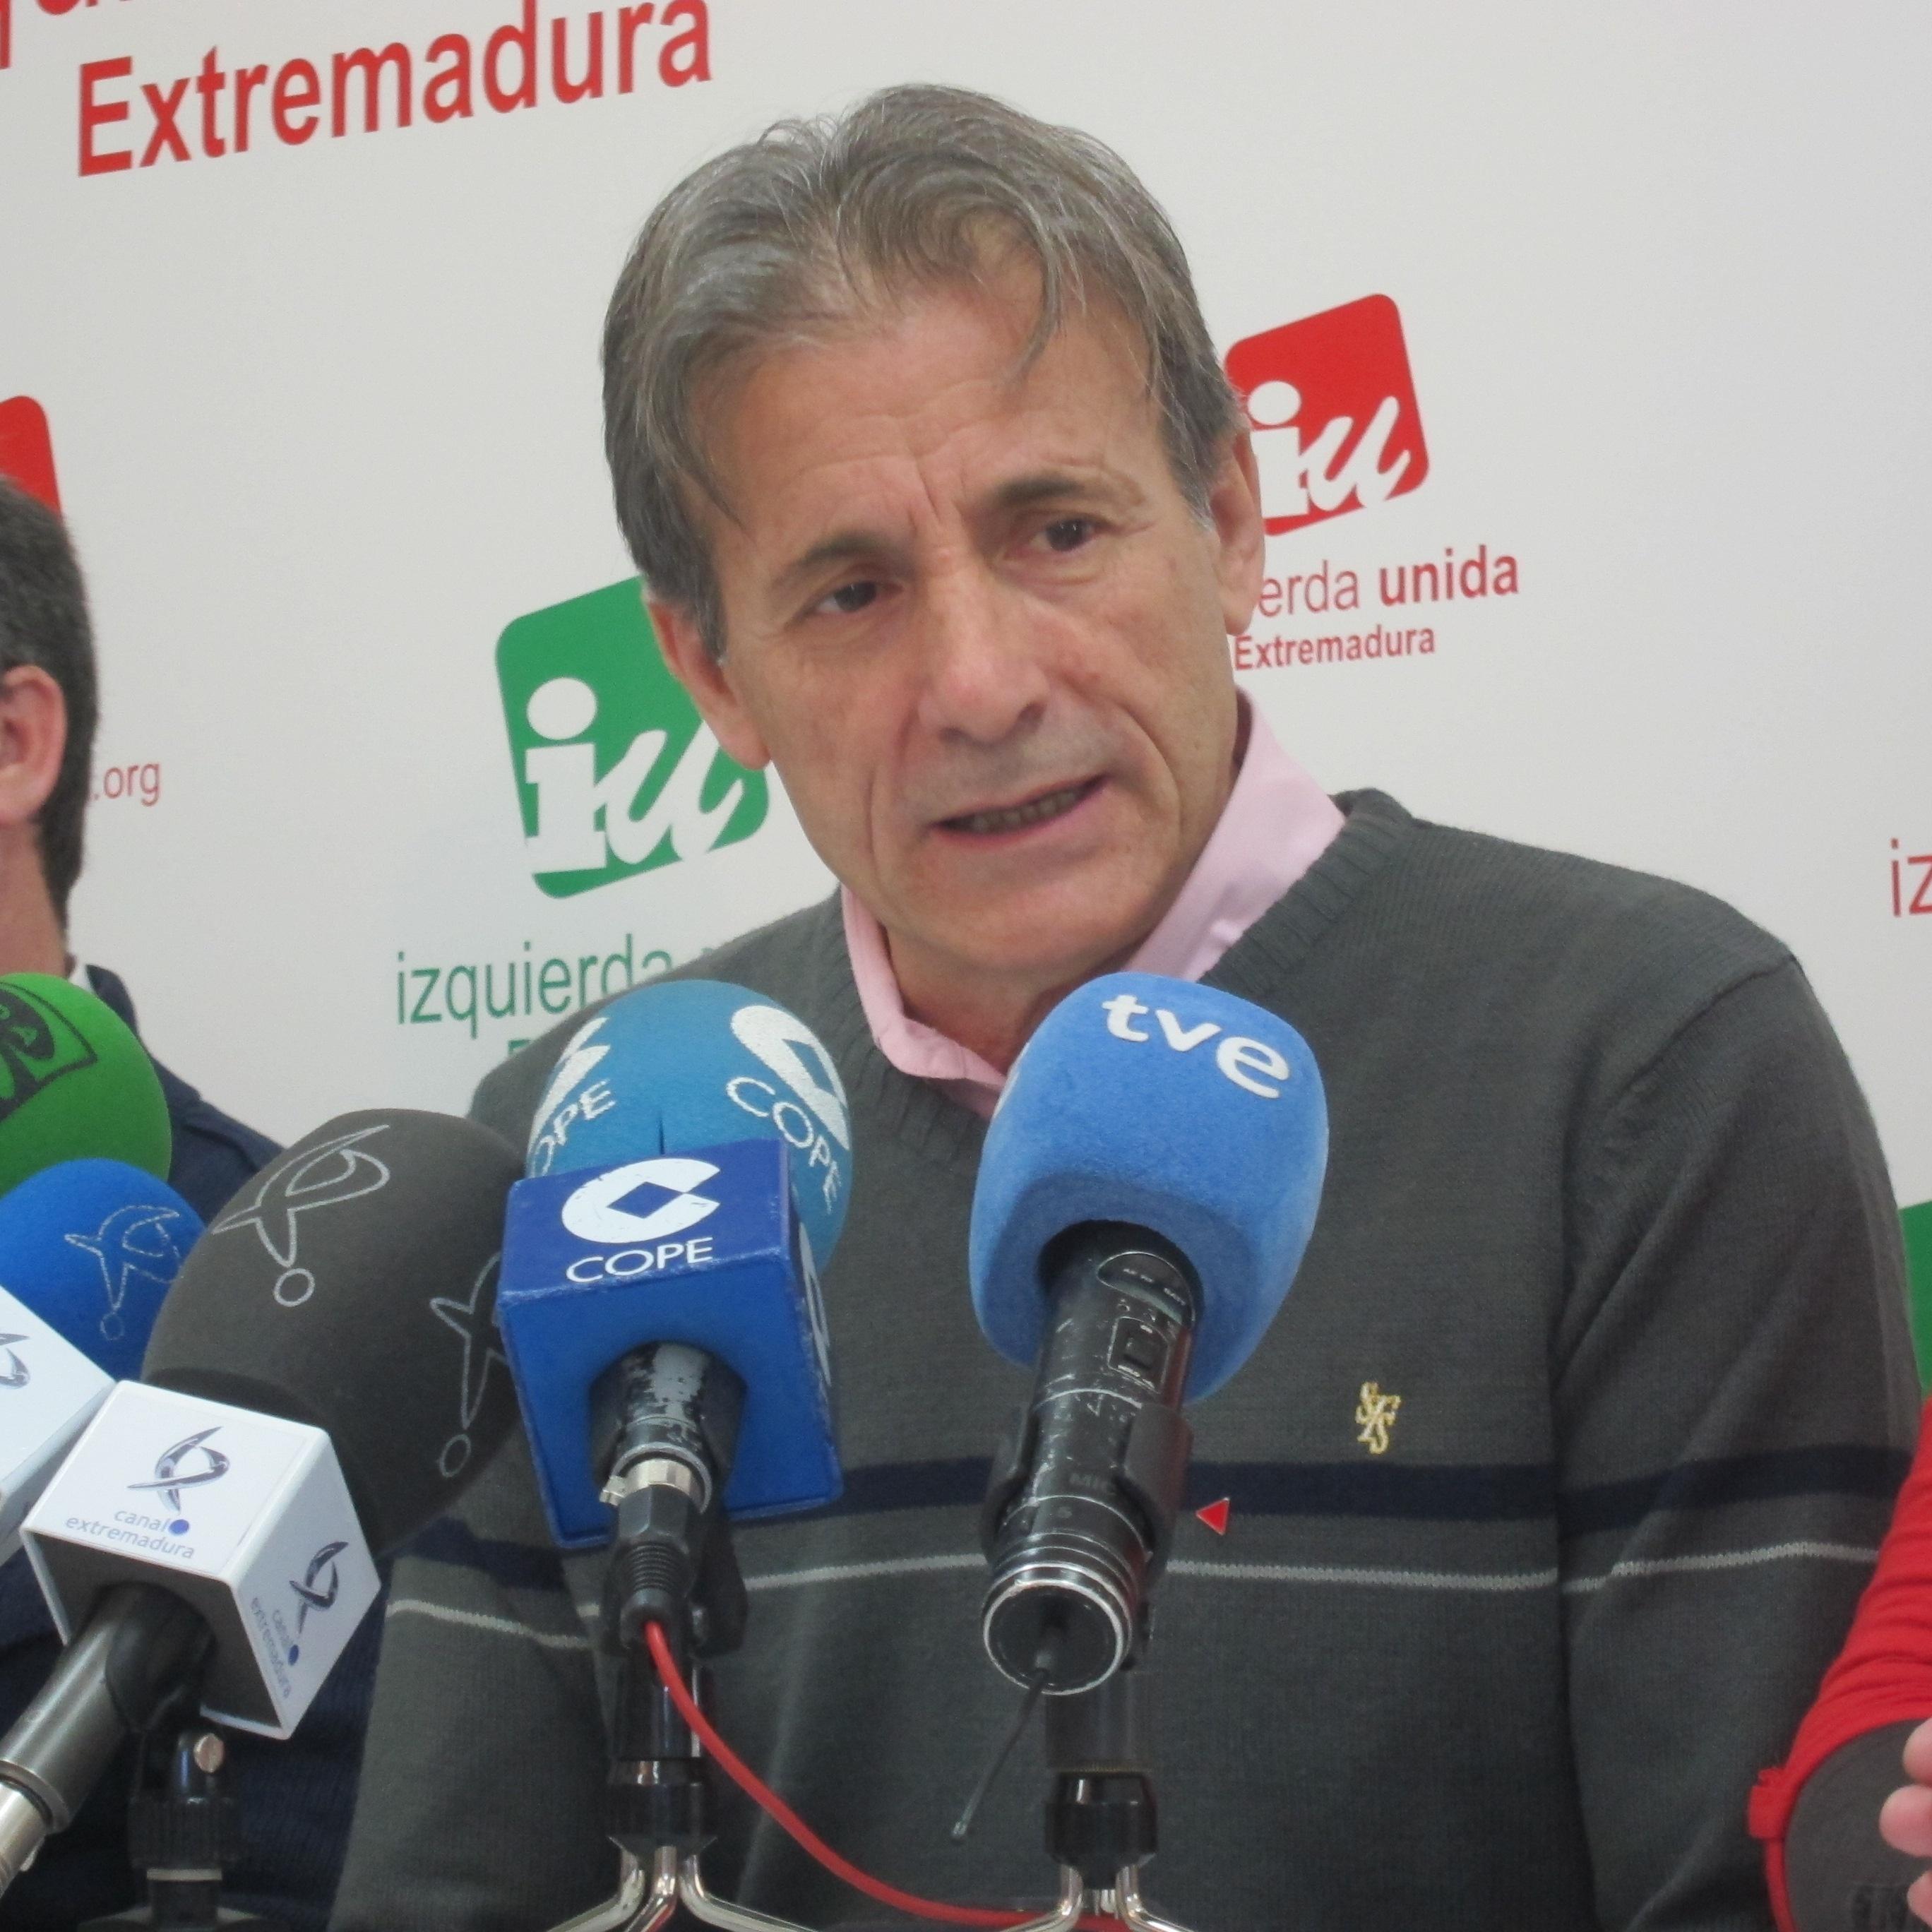 IU-Extremadura «no celebra» el cumplimiento del déficit y pide que «se cierre la puerta a los recortes»